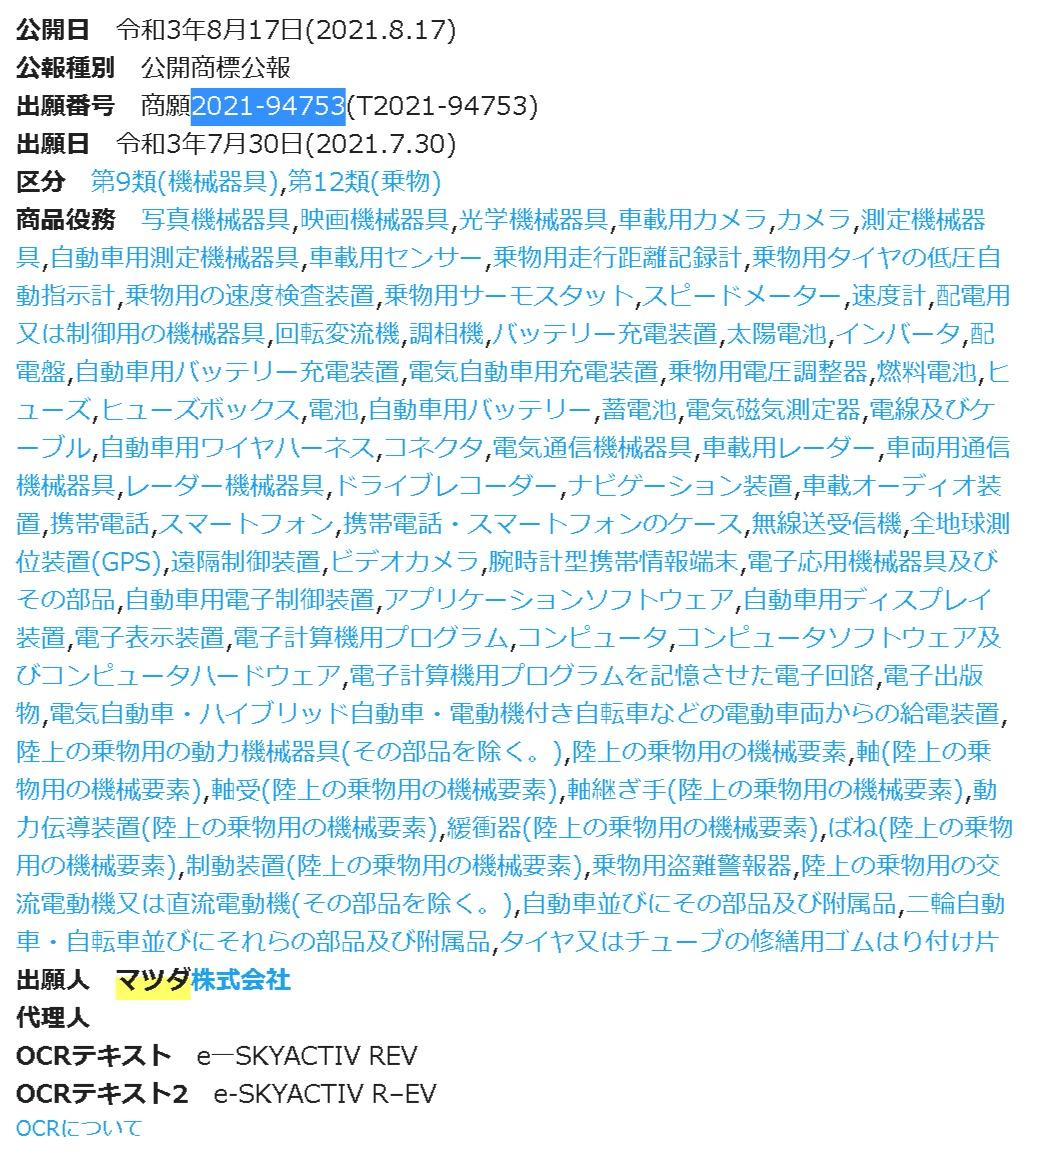 f:id:taku2_4885:20210817101751p:plain